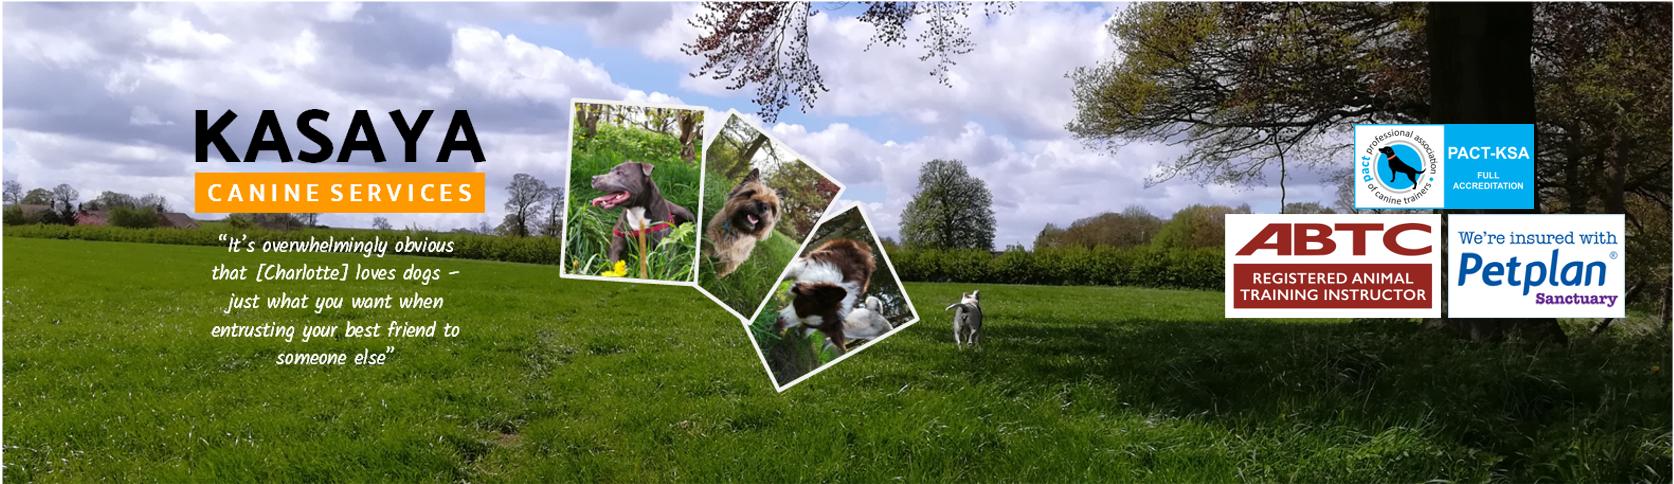 Kasaya Canine Services